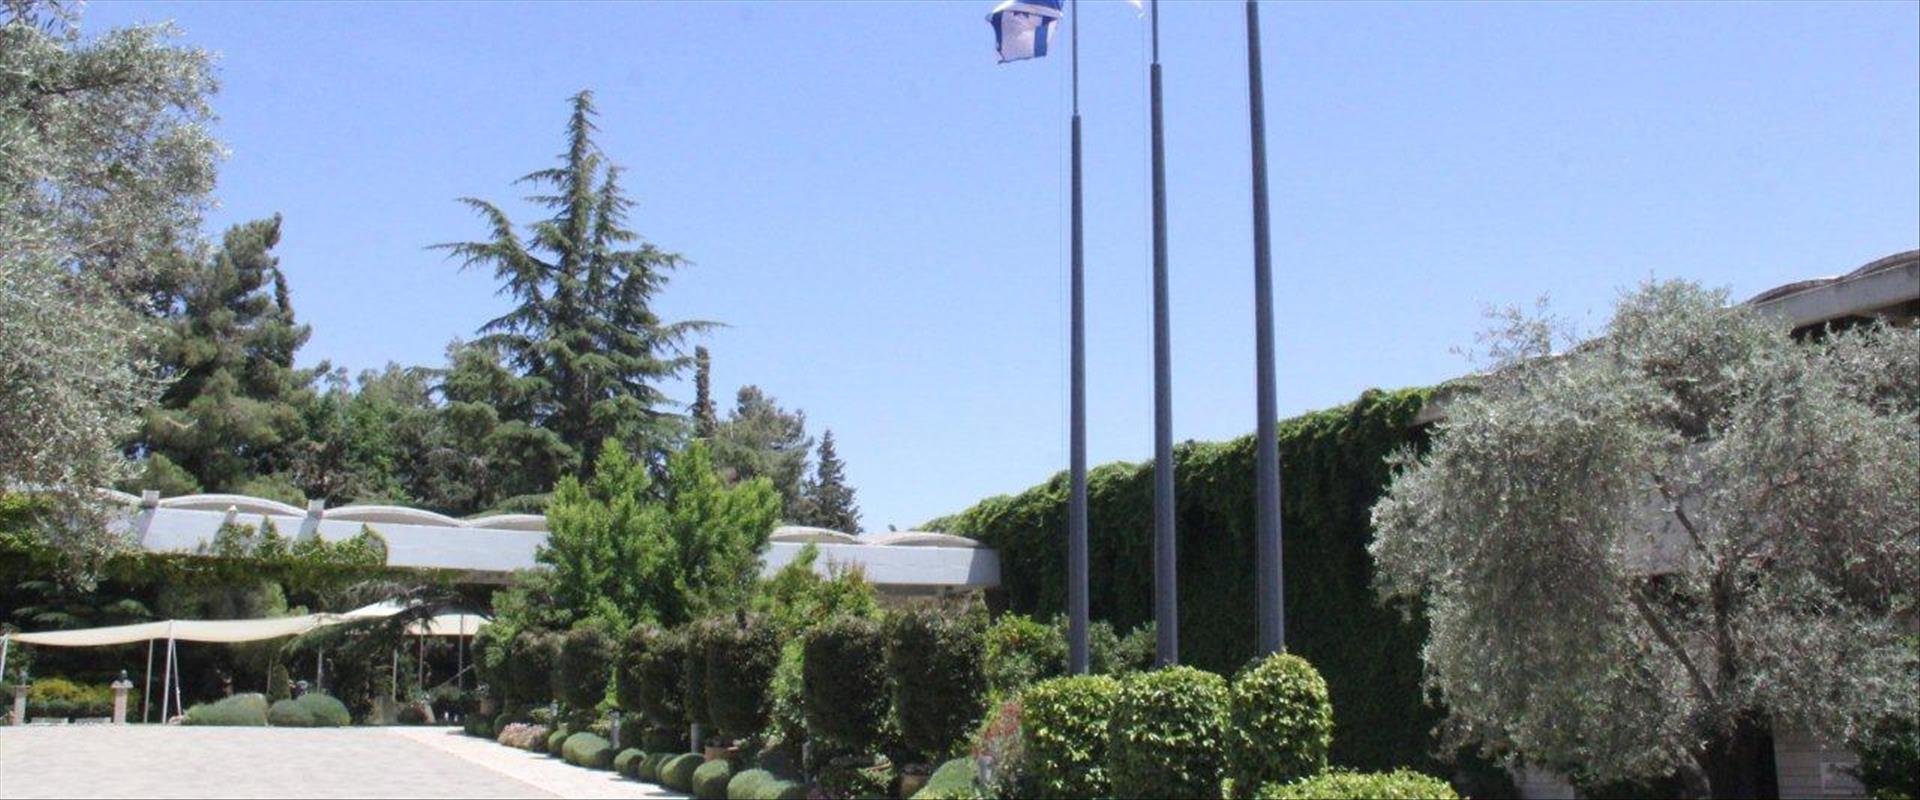 בית הנשיא